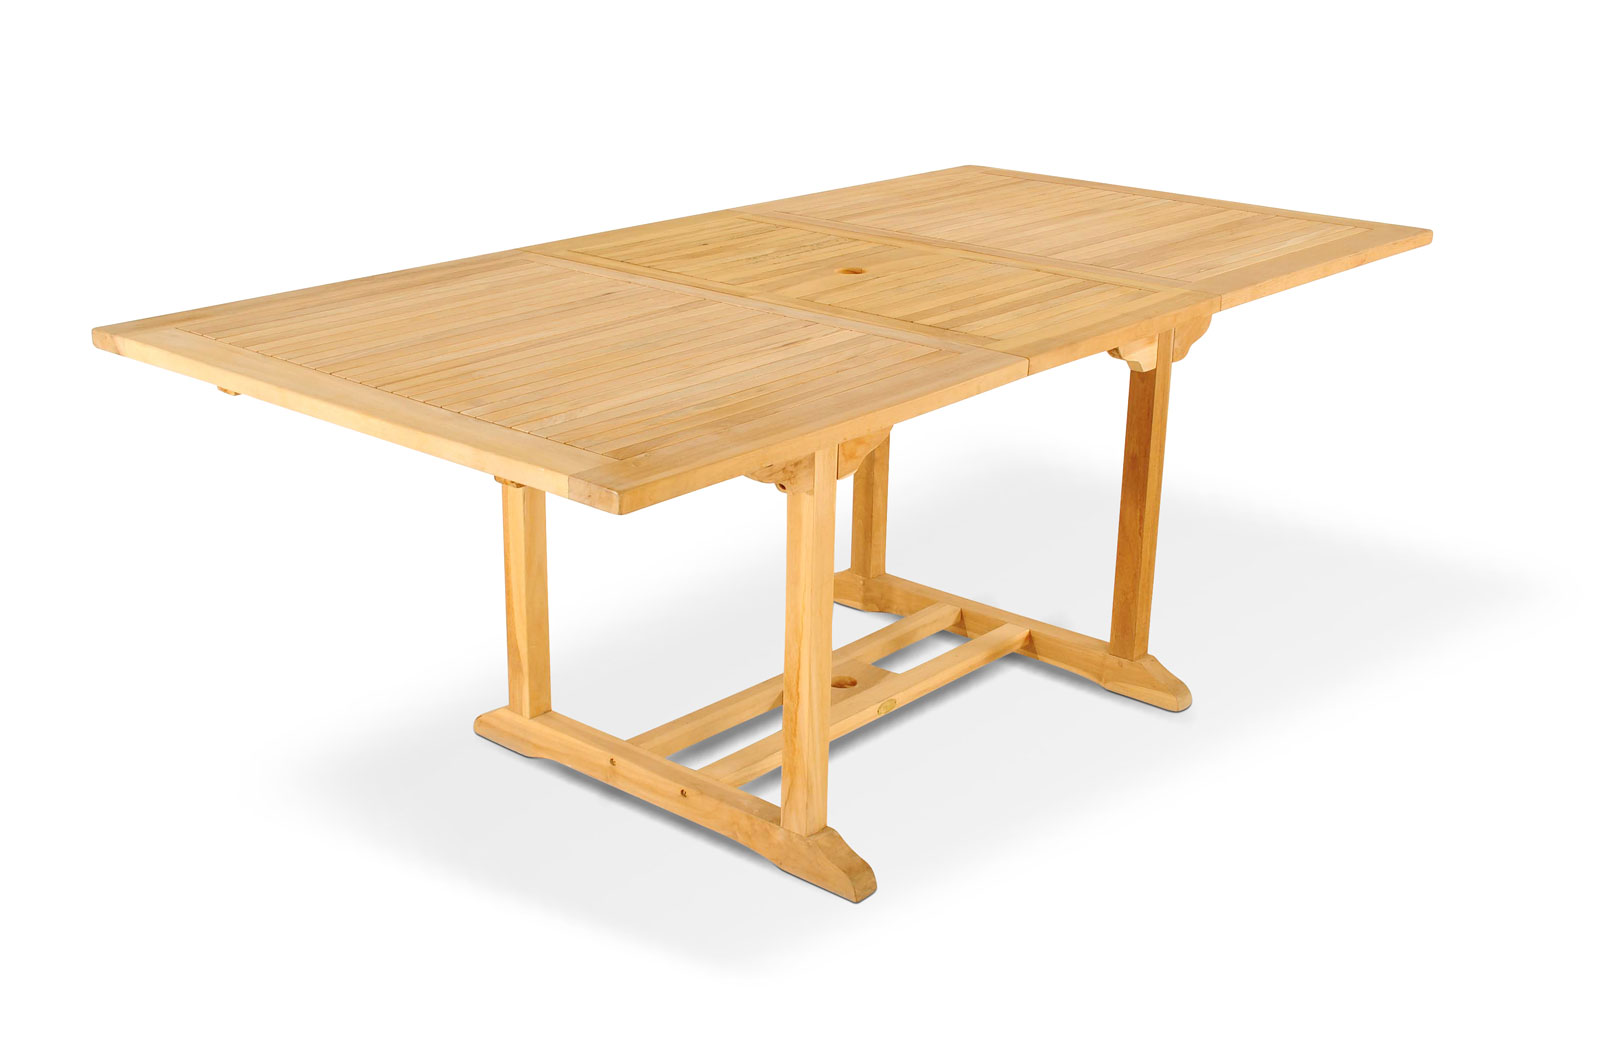 Gartenmöbel Set Teak 4tlg. Eckbank Garten Tisch 150 200 cm CA